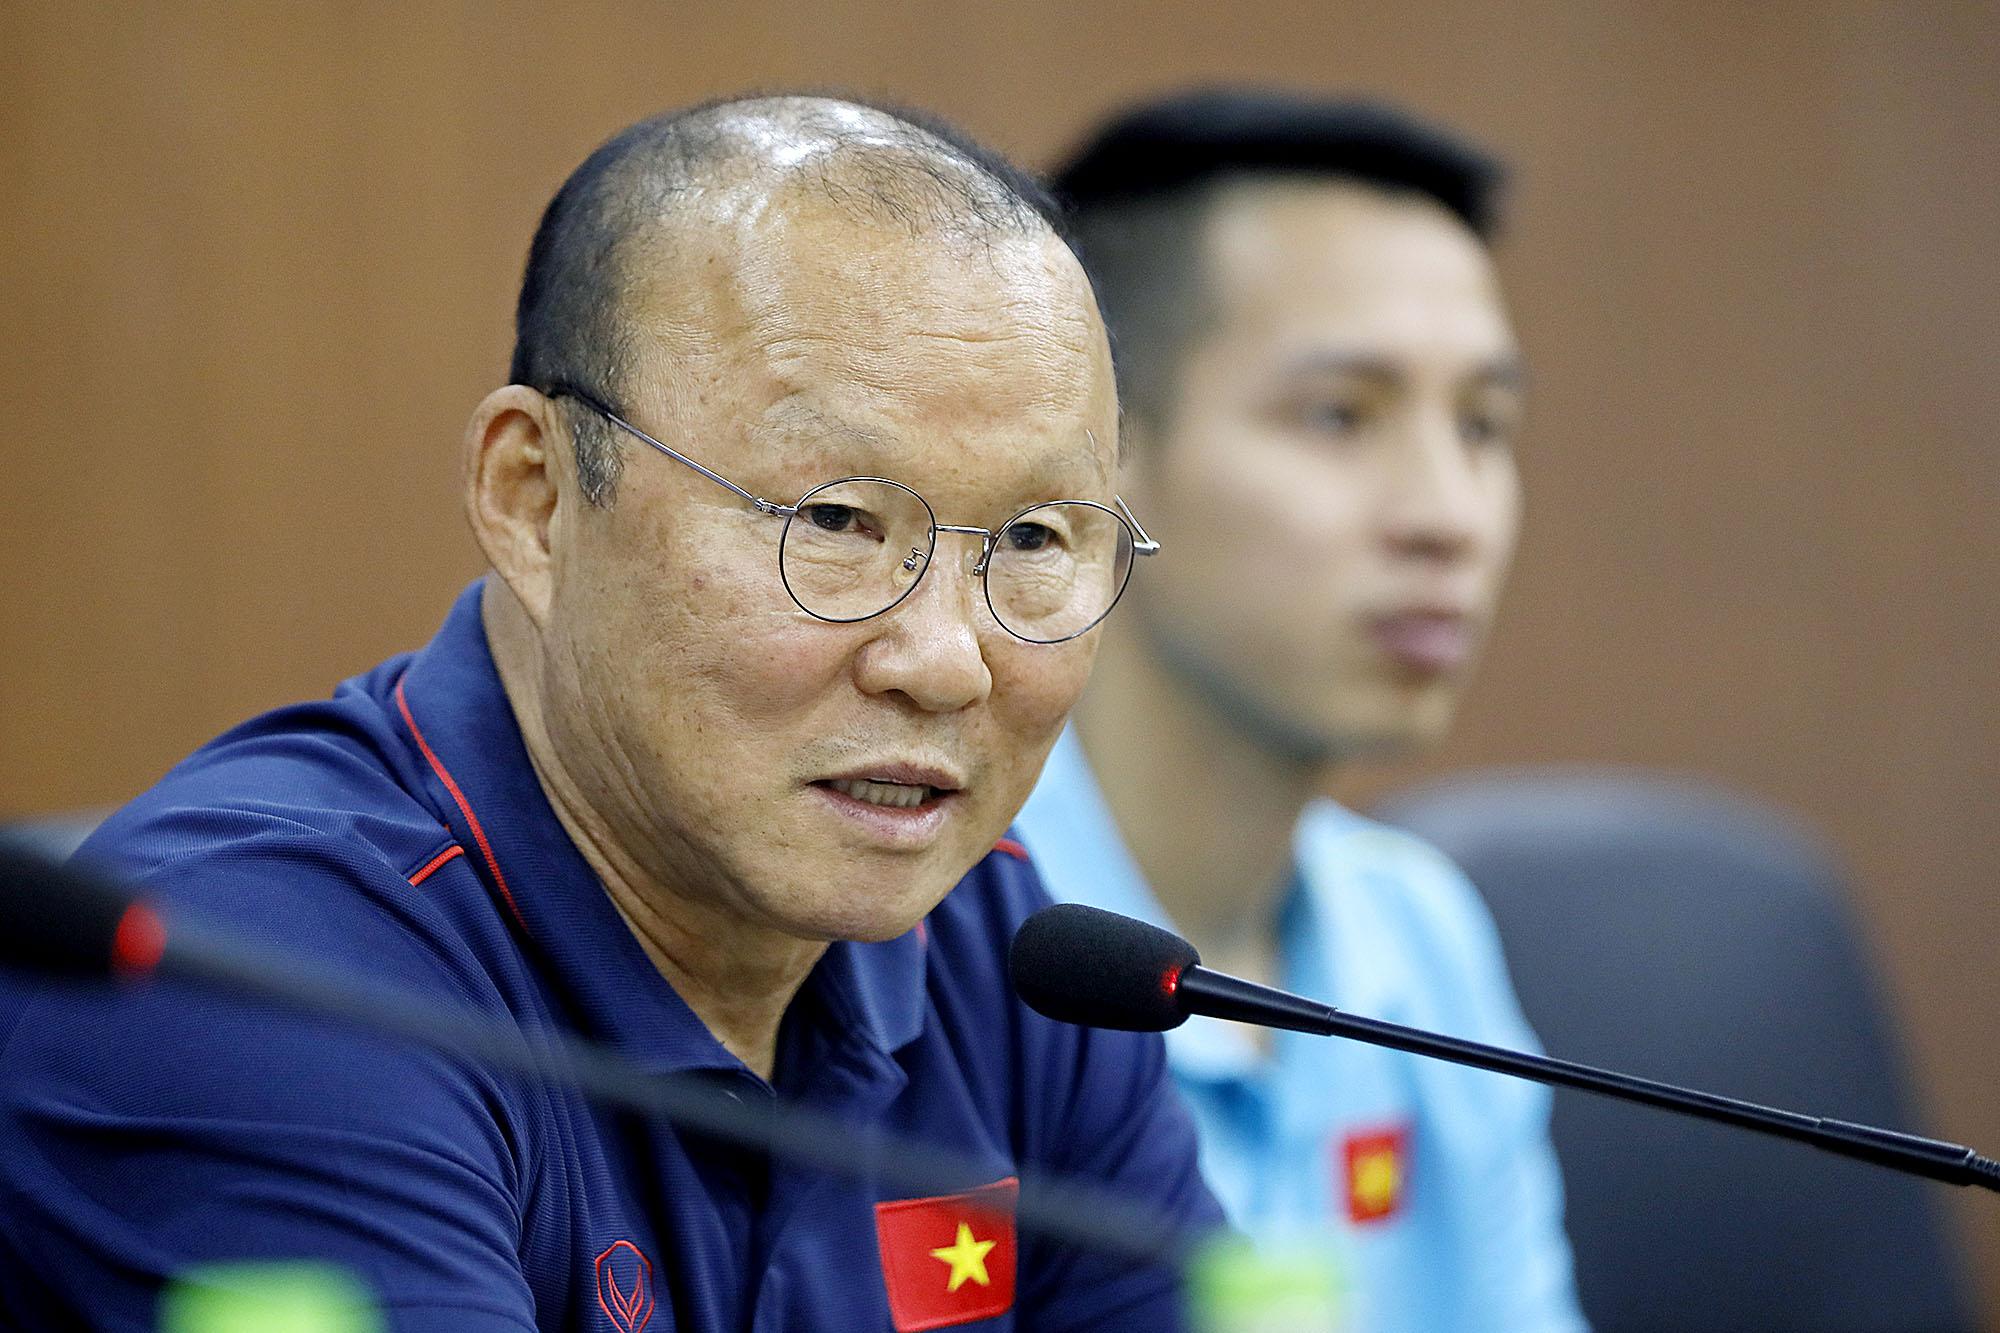 Phát biểu trước trận Việt Nam vs. Malaysia: Chủ nhà thận trọng, khách hi vọng giành chiến thắng